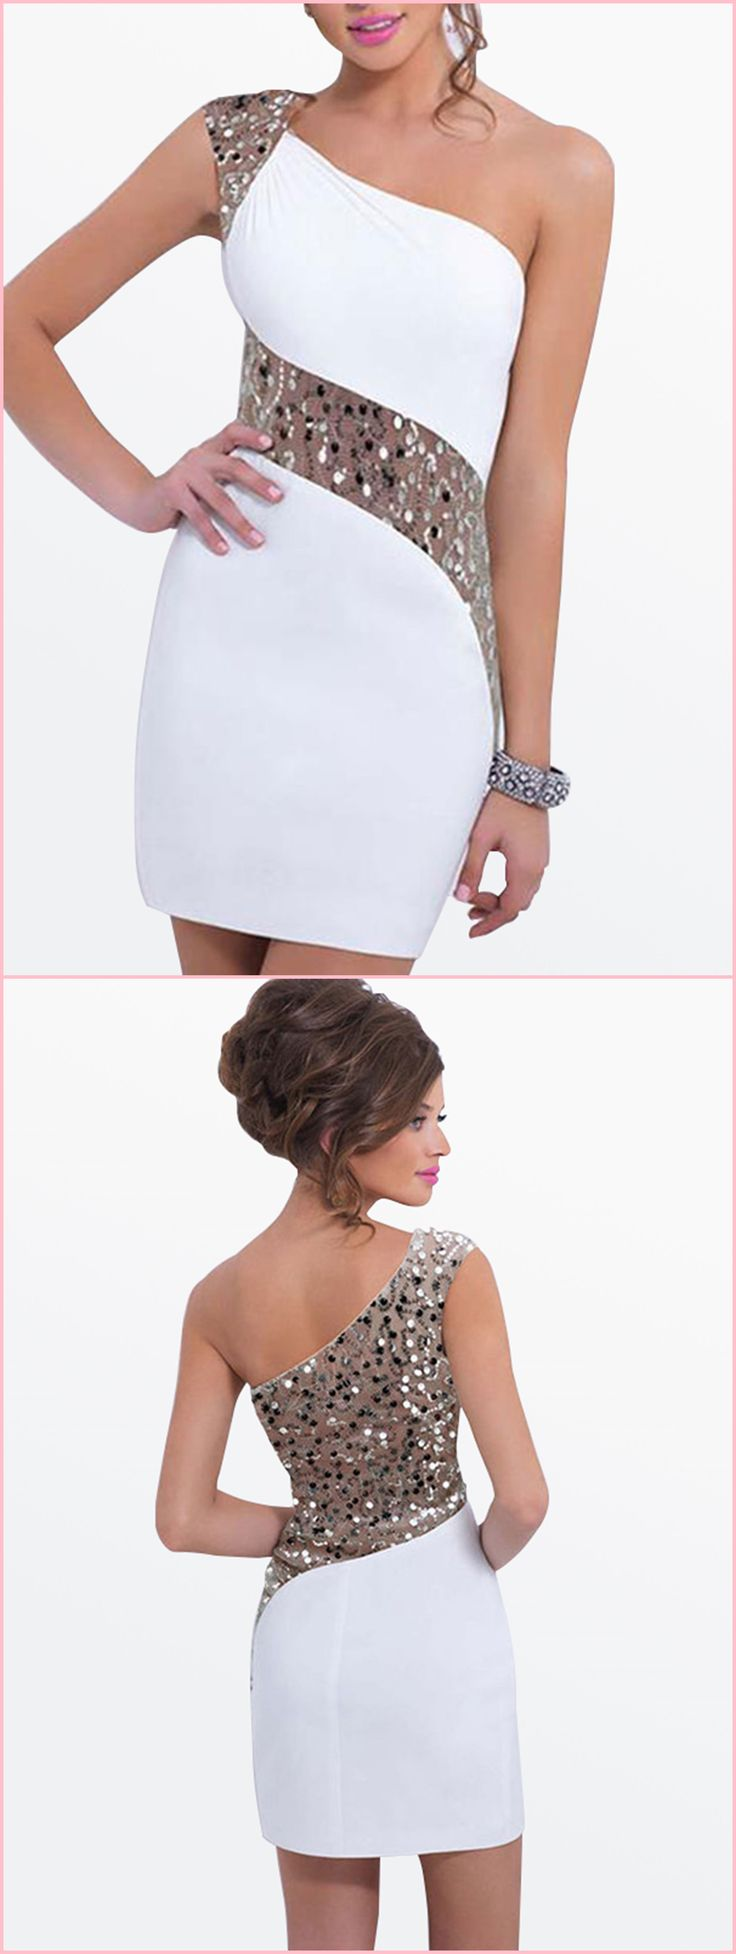 Off Shoulder Sequins Women's Bodycon Dress #tbdressreviews #reviewstbdress